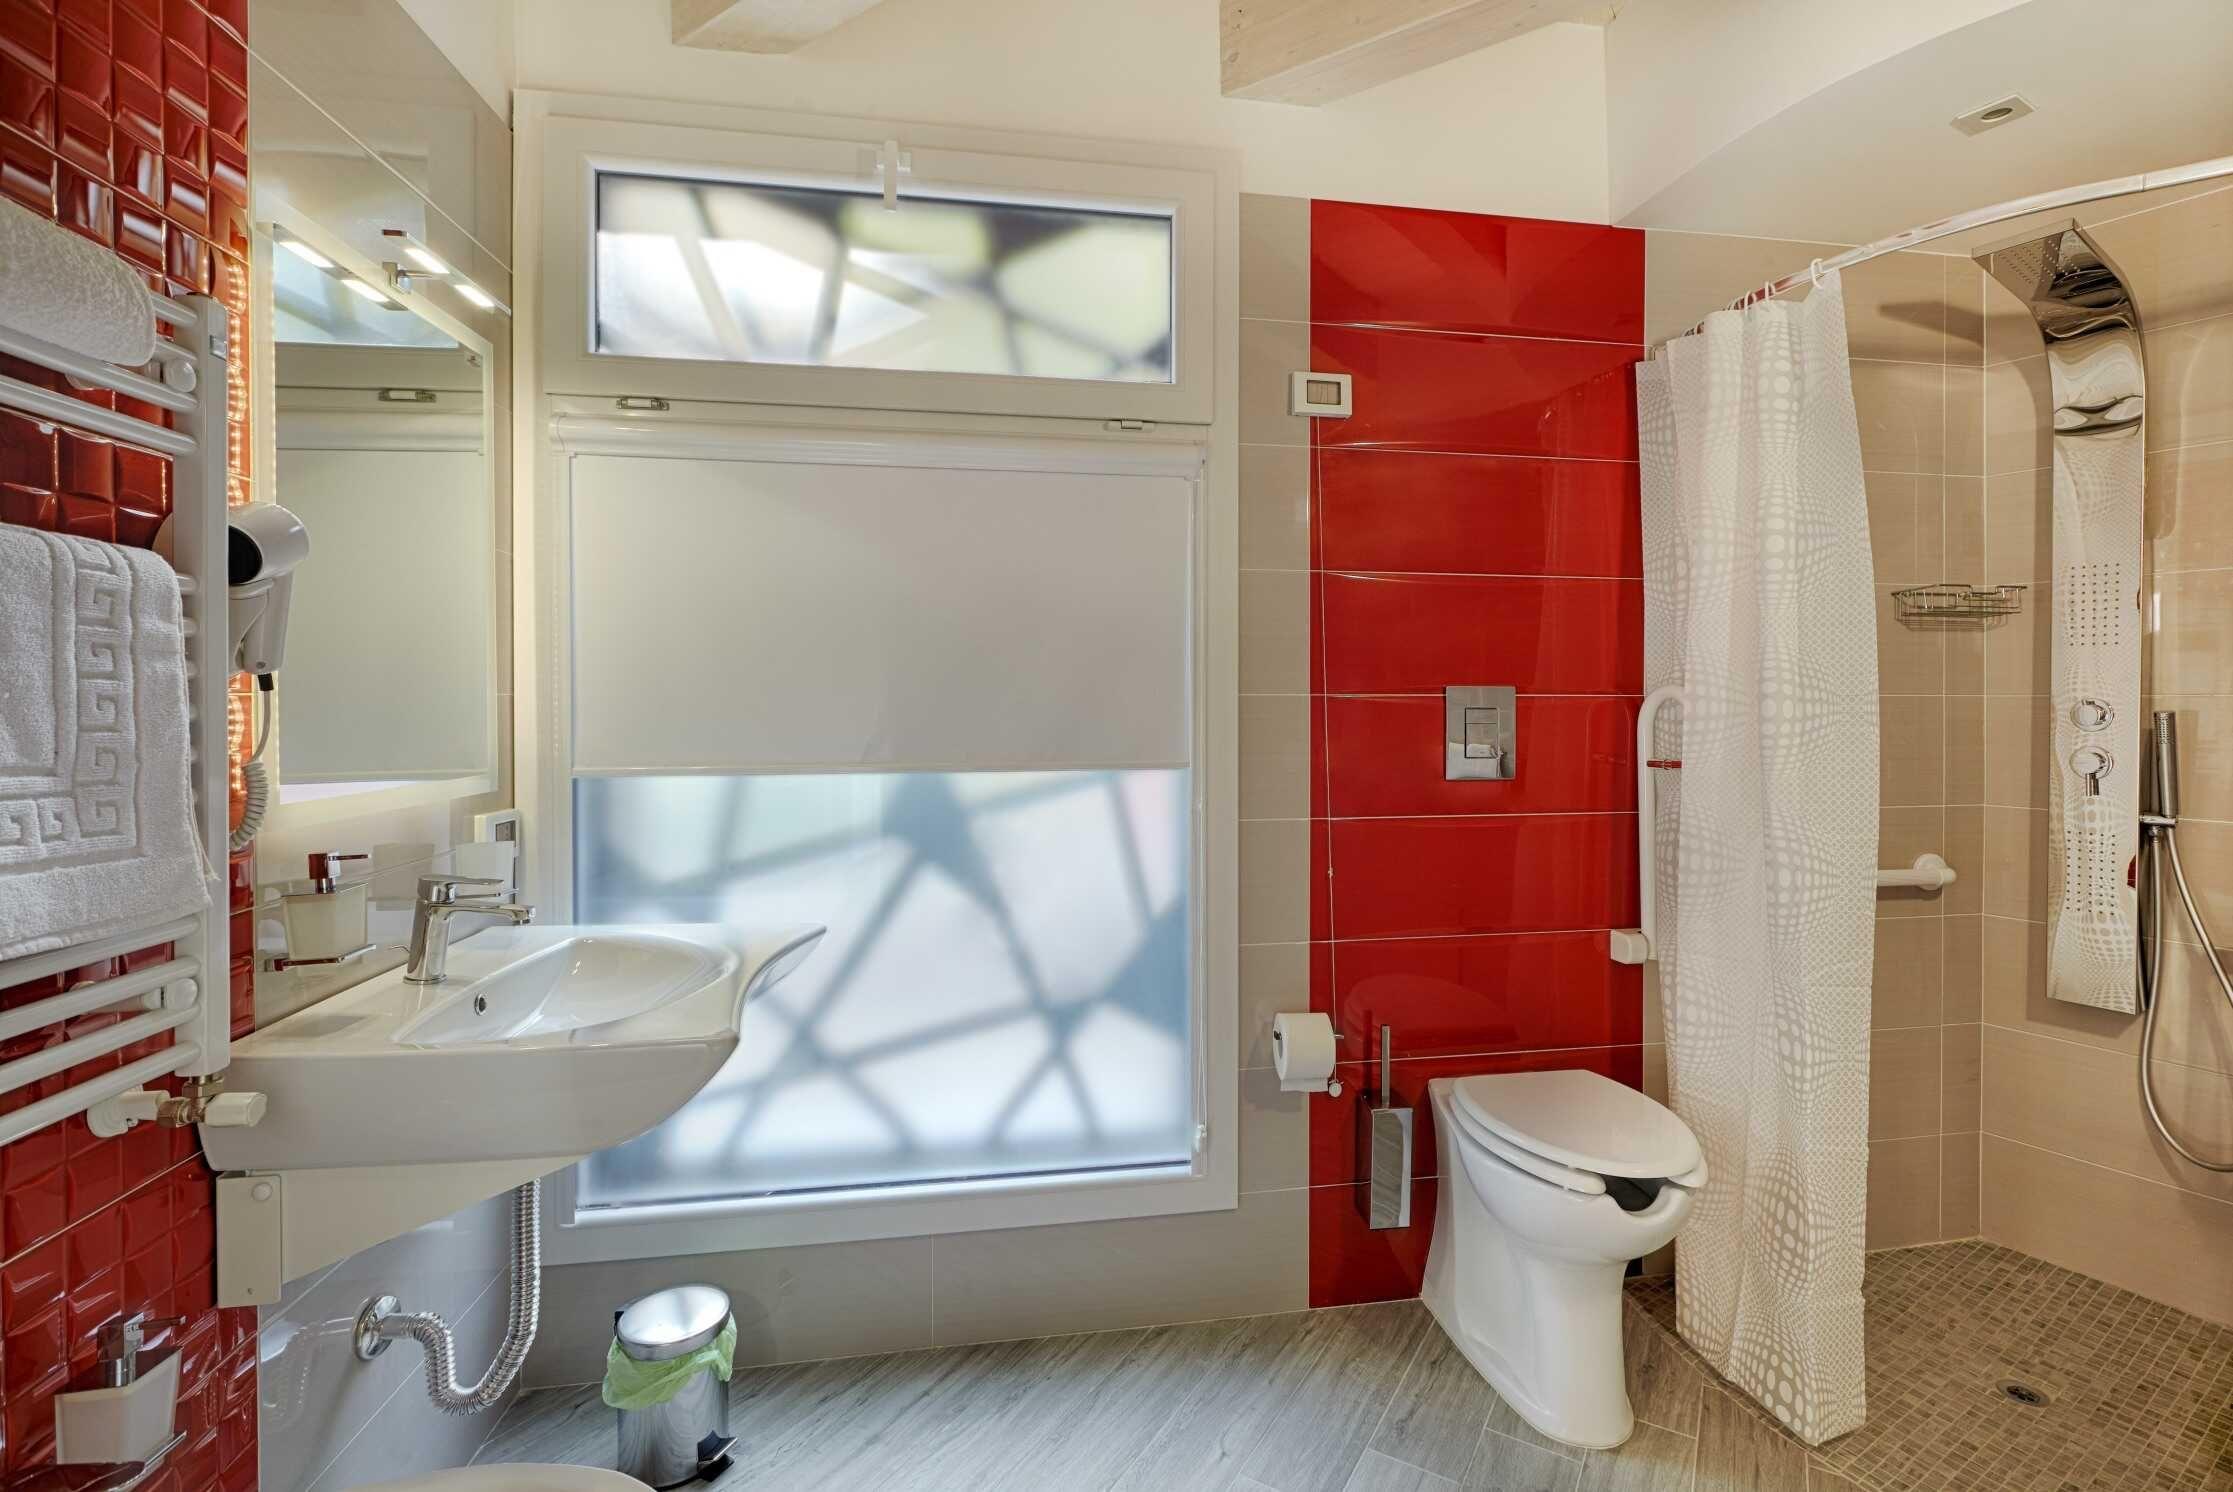 Hotel per disabili hospitality hotel palermo - Altezza prese elettriche bagno ...